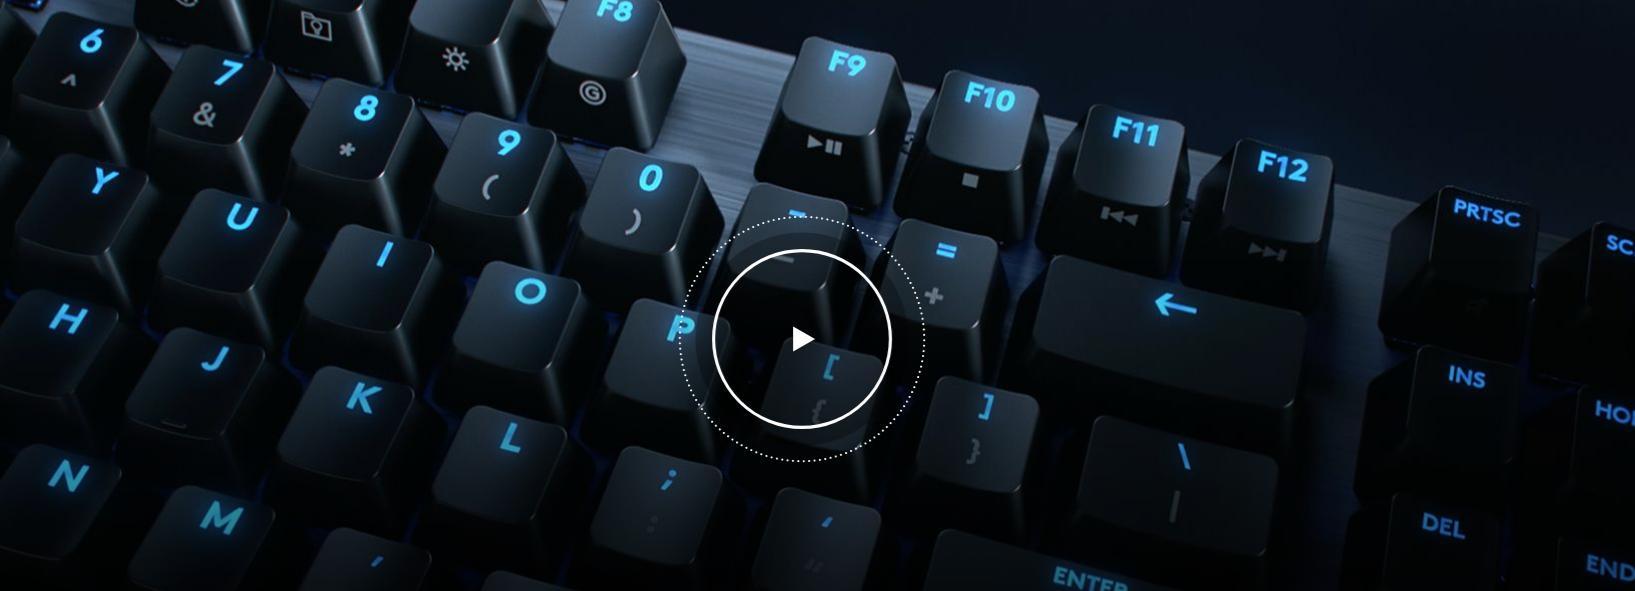 Bàn phím cơ Logitech G512 Lightsync RGB GX Blue Clicky switch 2